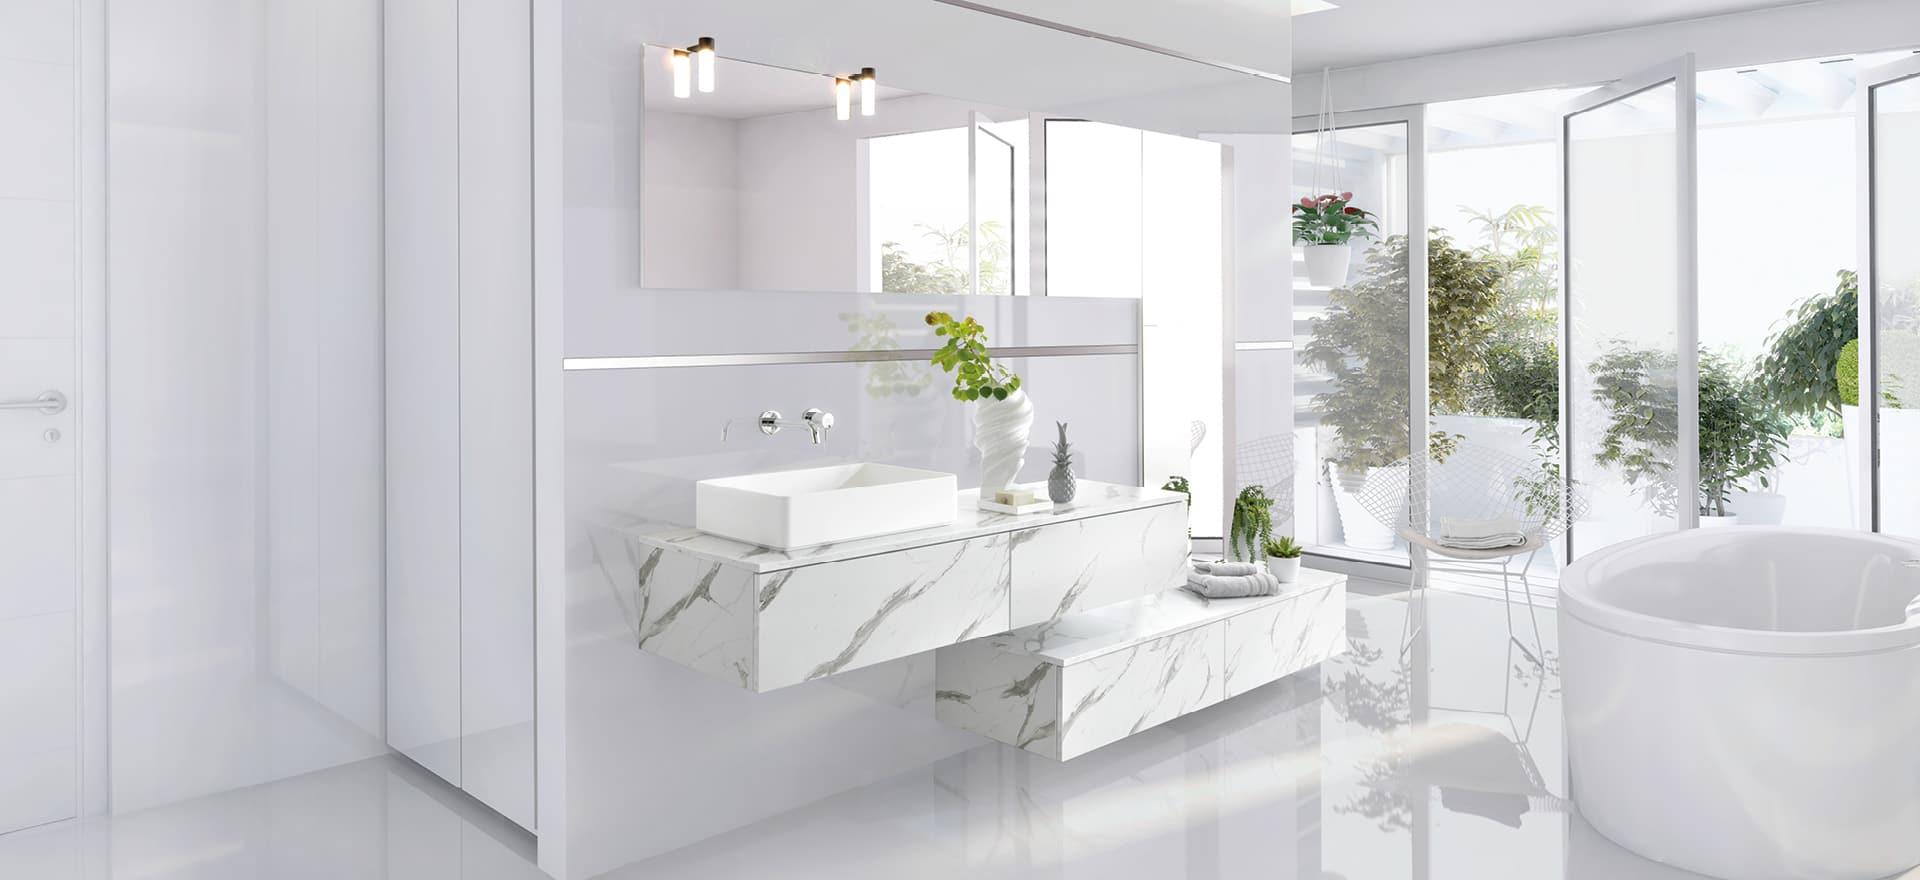 arcos marmor slut med de sm badev relser og frem med pladsen. Black Bedroom Furniture Sets. Home Design Ideas